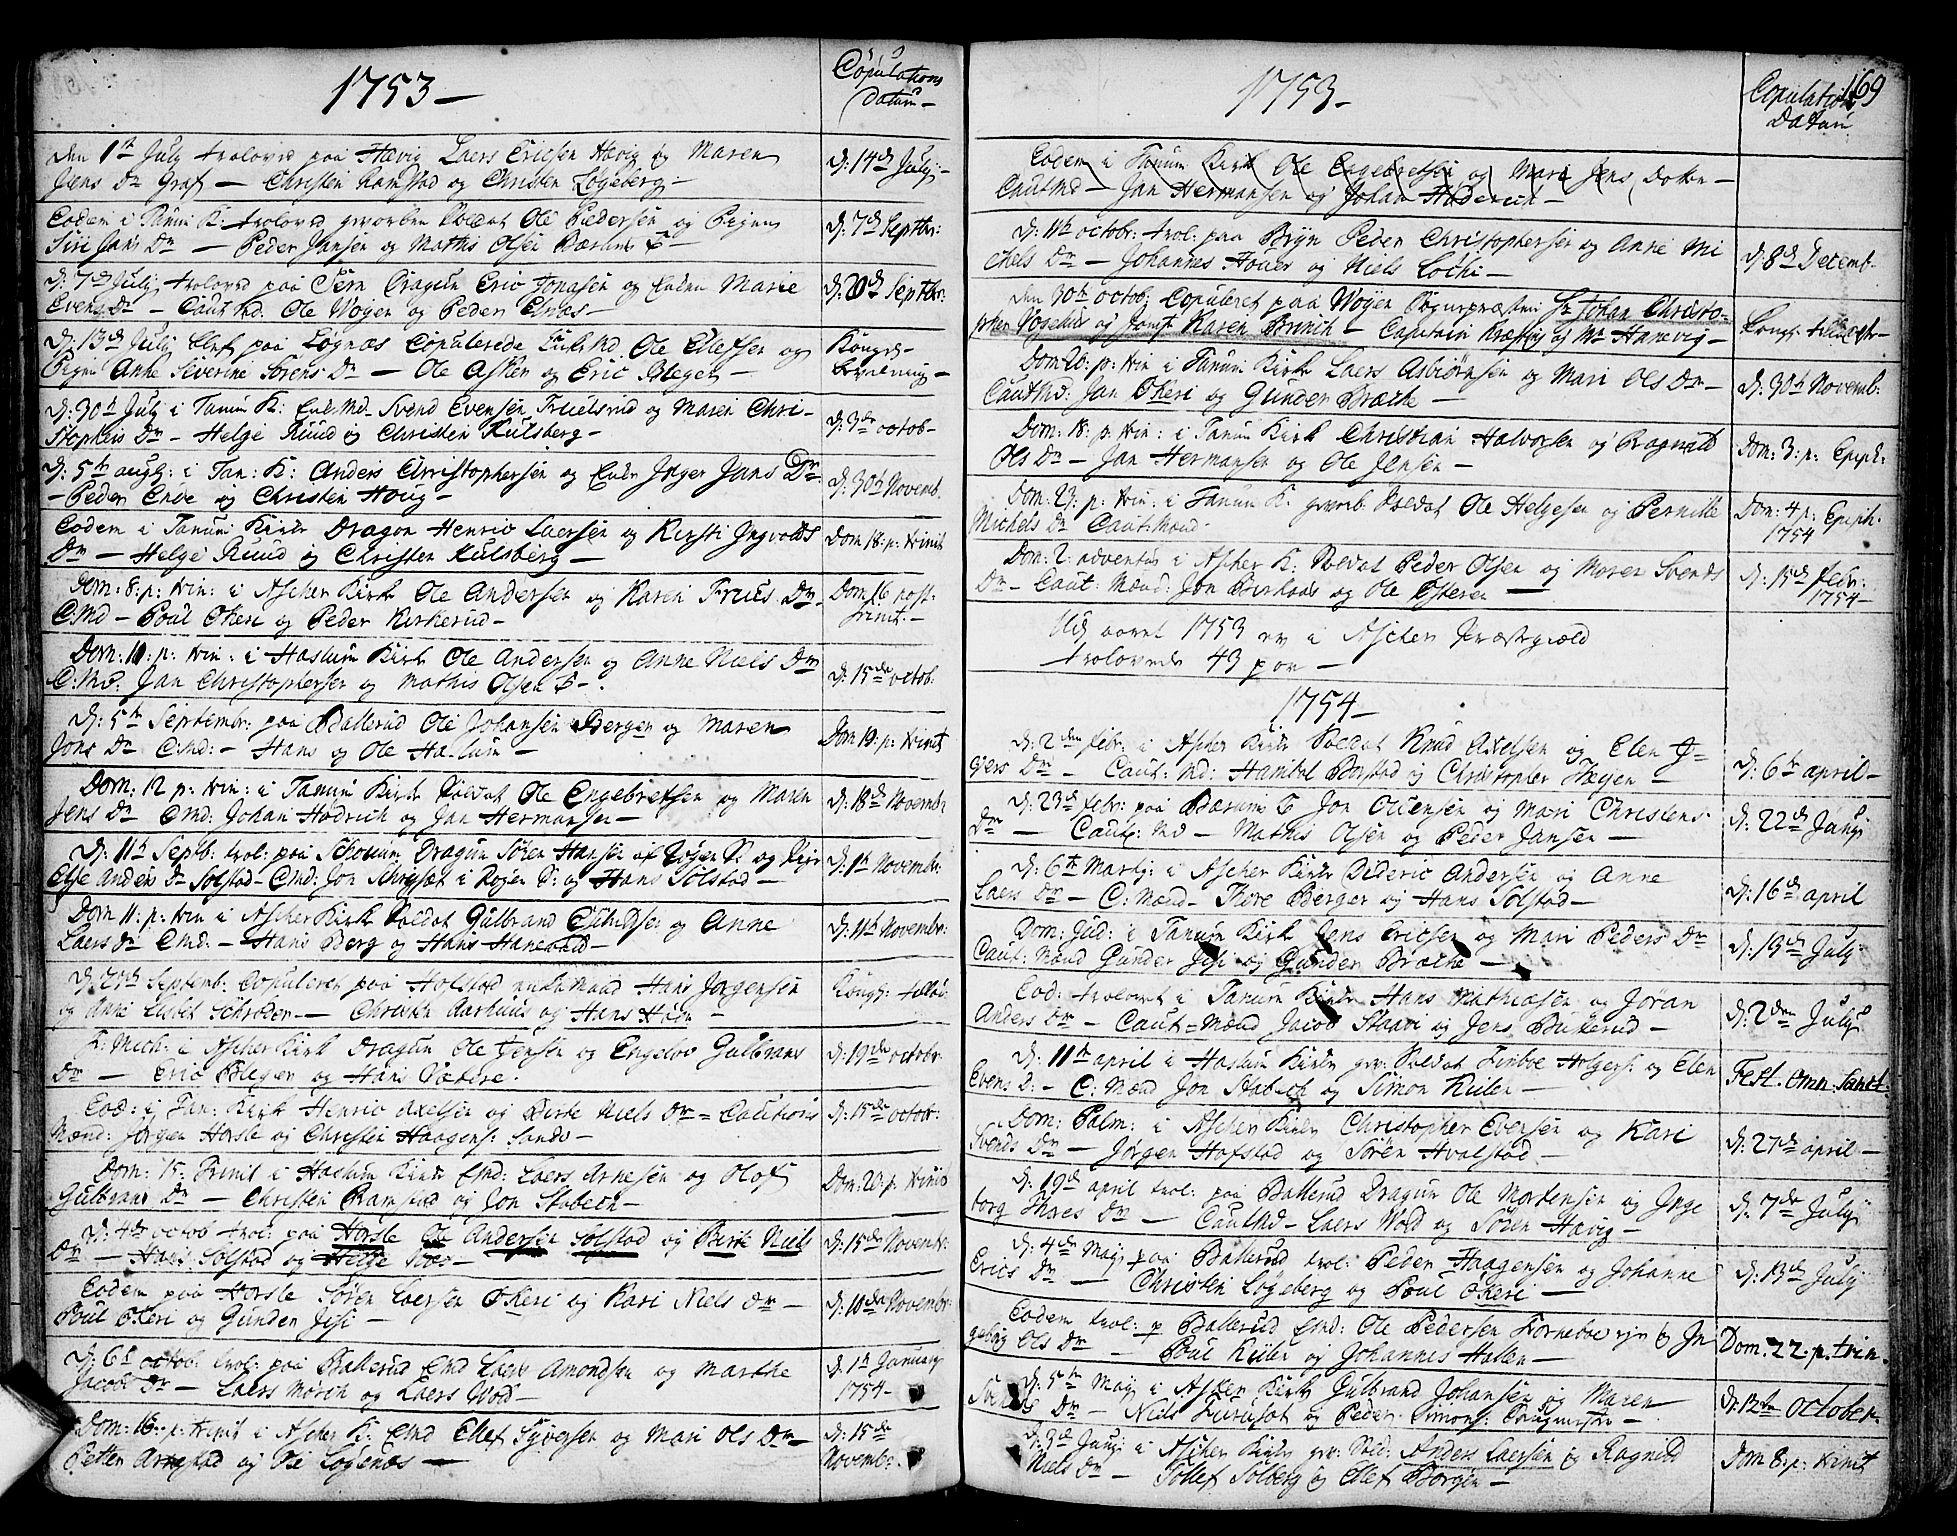 SAO, Asker prestekontor Kirkebøker, F/Fa/L0002: Ministerialbok nr. I 2, 1733-1766, s. 169